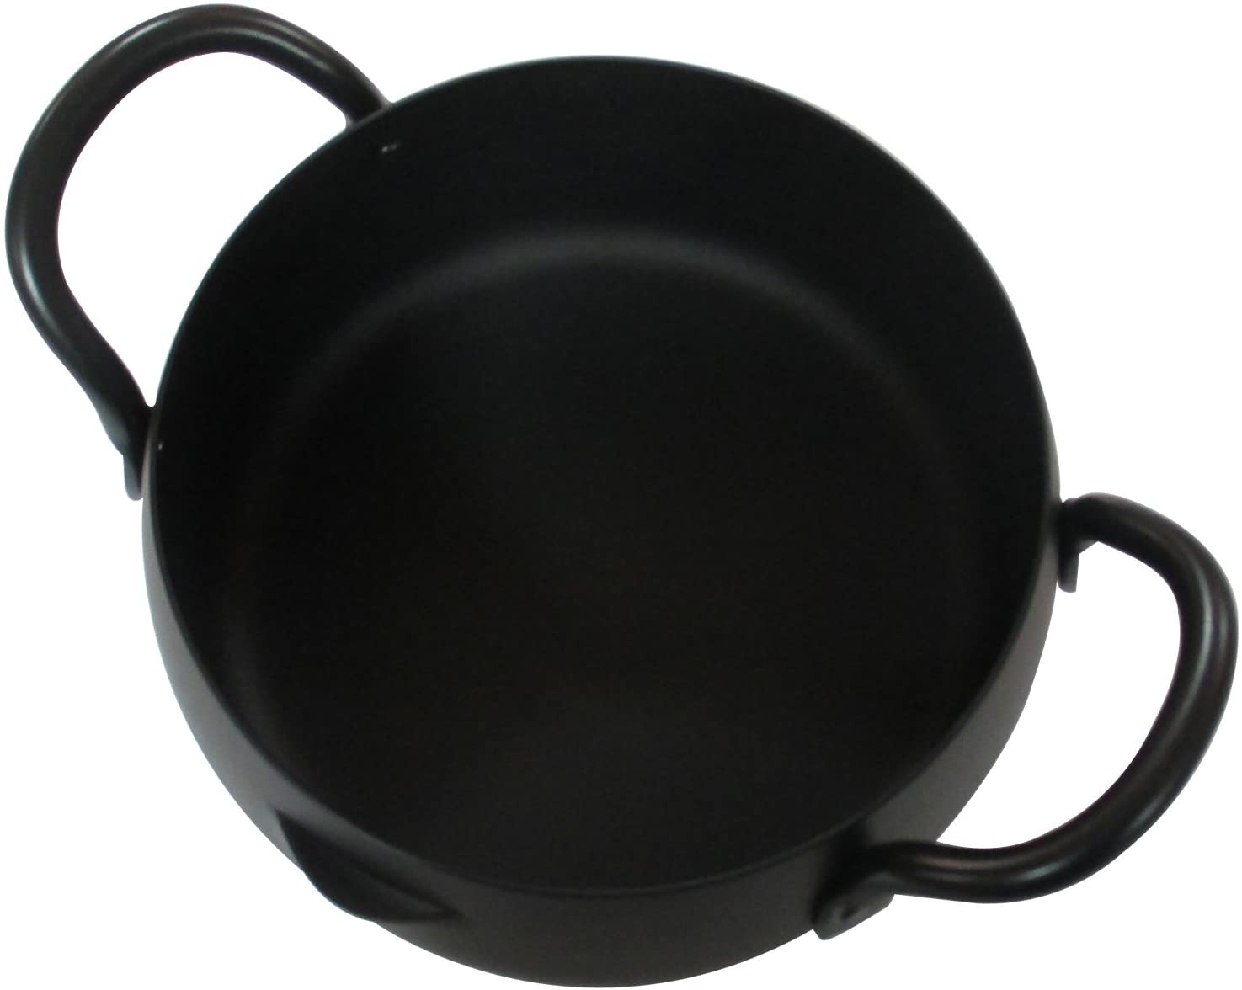 和平フレイズ(FREIZ) 鉄共柄天ぷら鍋16cm EM-8286の商品画像4